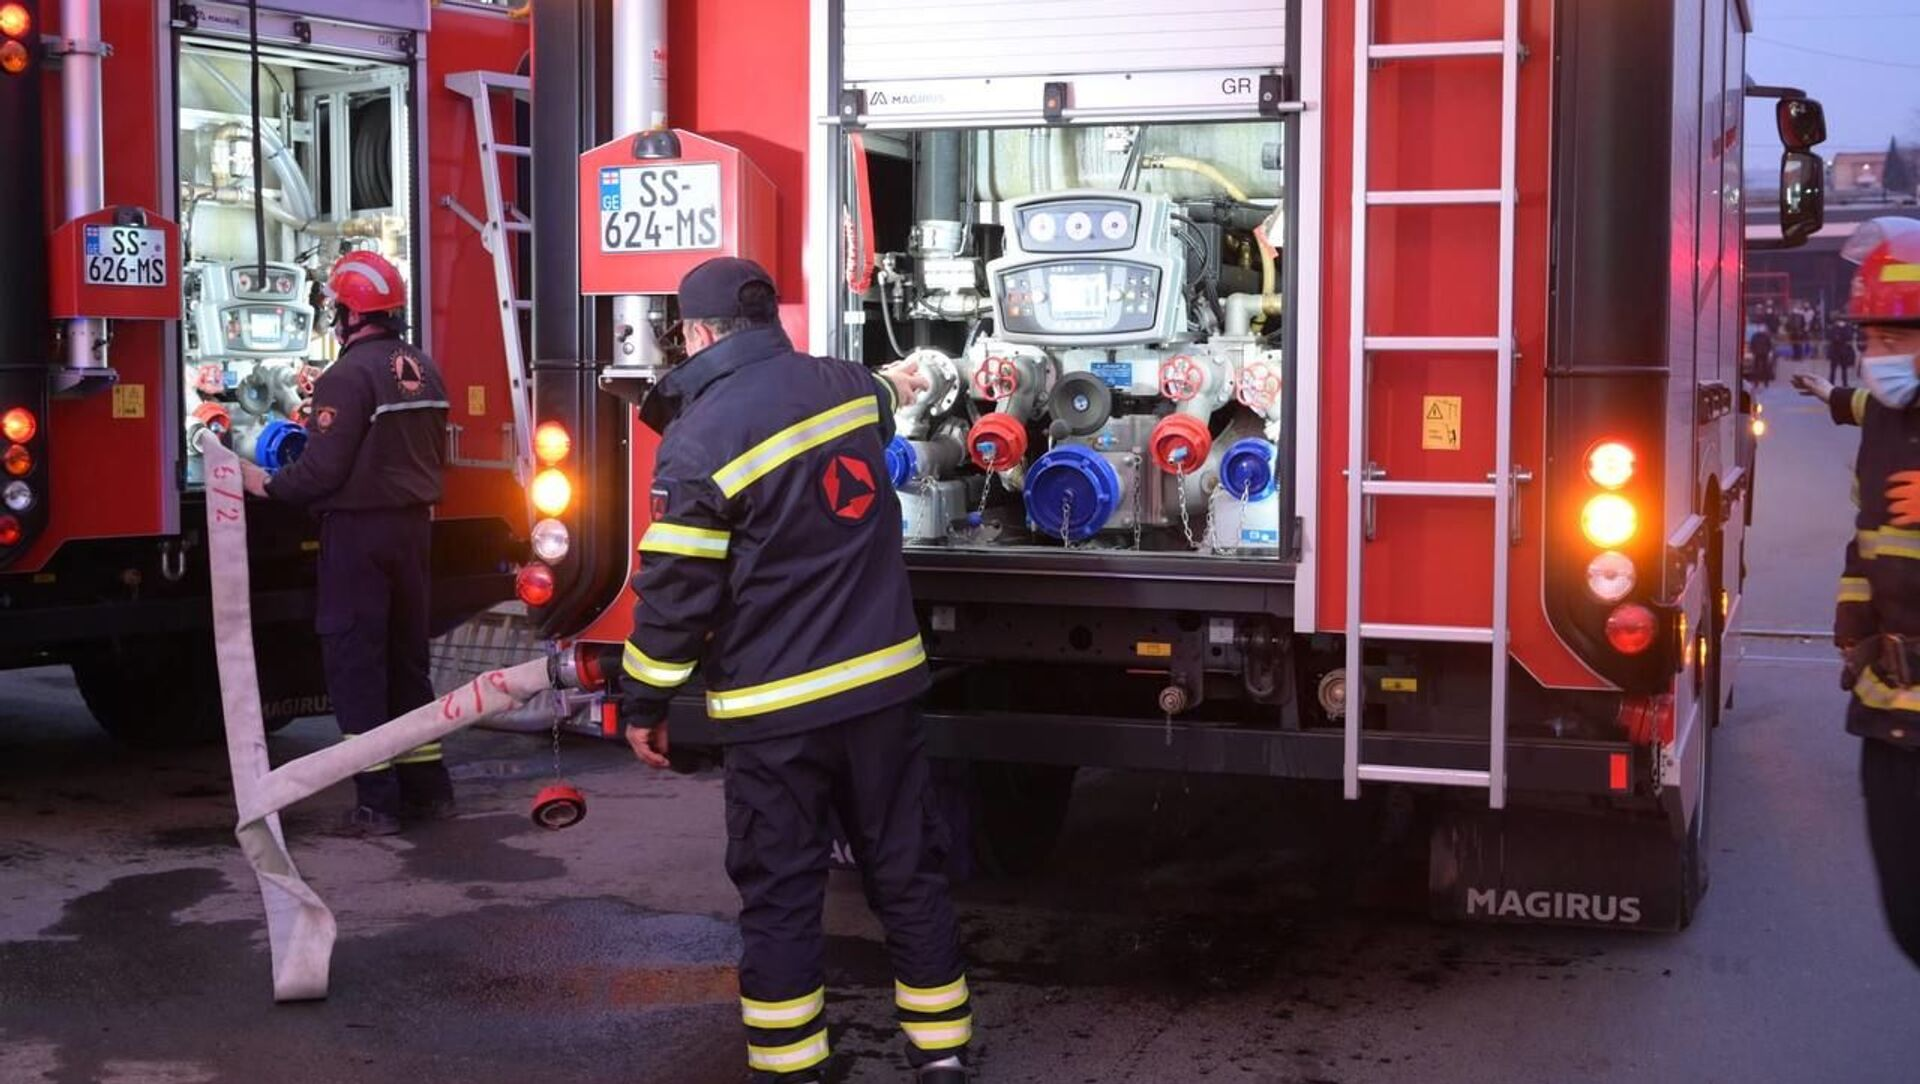 Пожарные спасатели на месте возгорания на рынке Элиава 12 февраля 2021 года - Sputnik Грузия, 1920, 18.02.2021